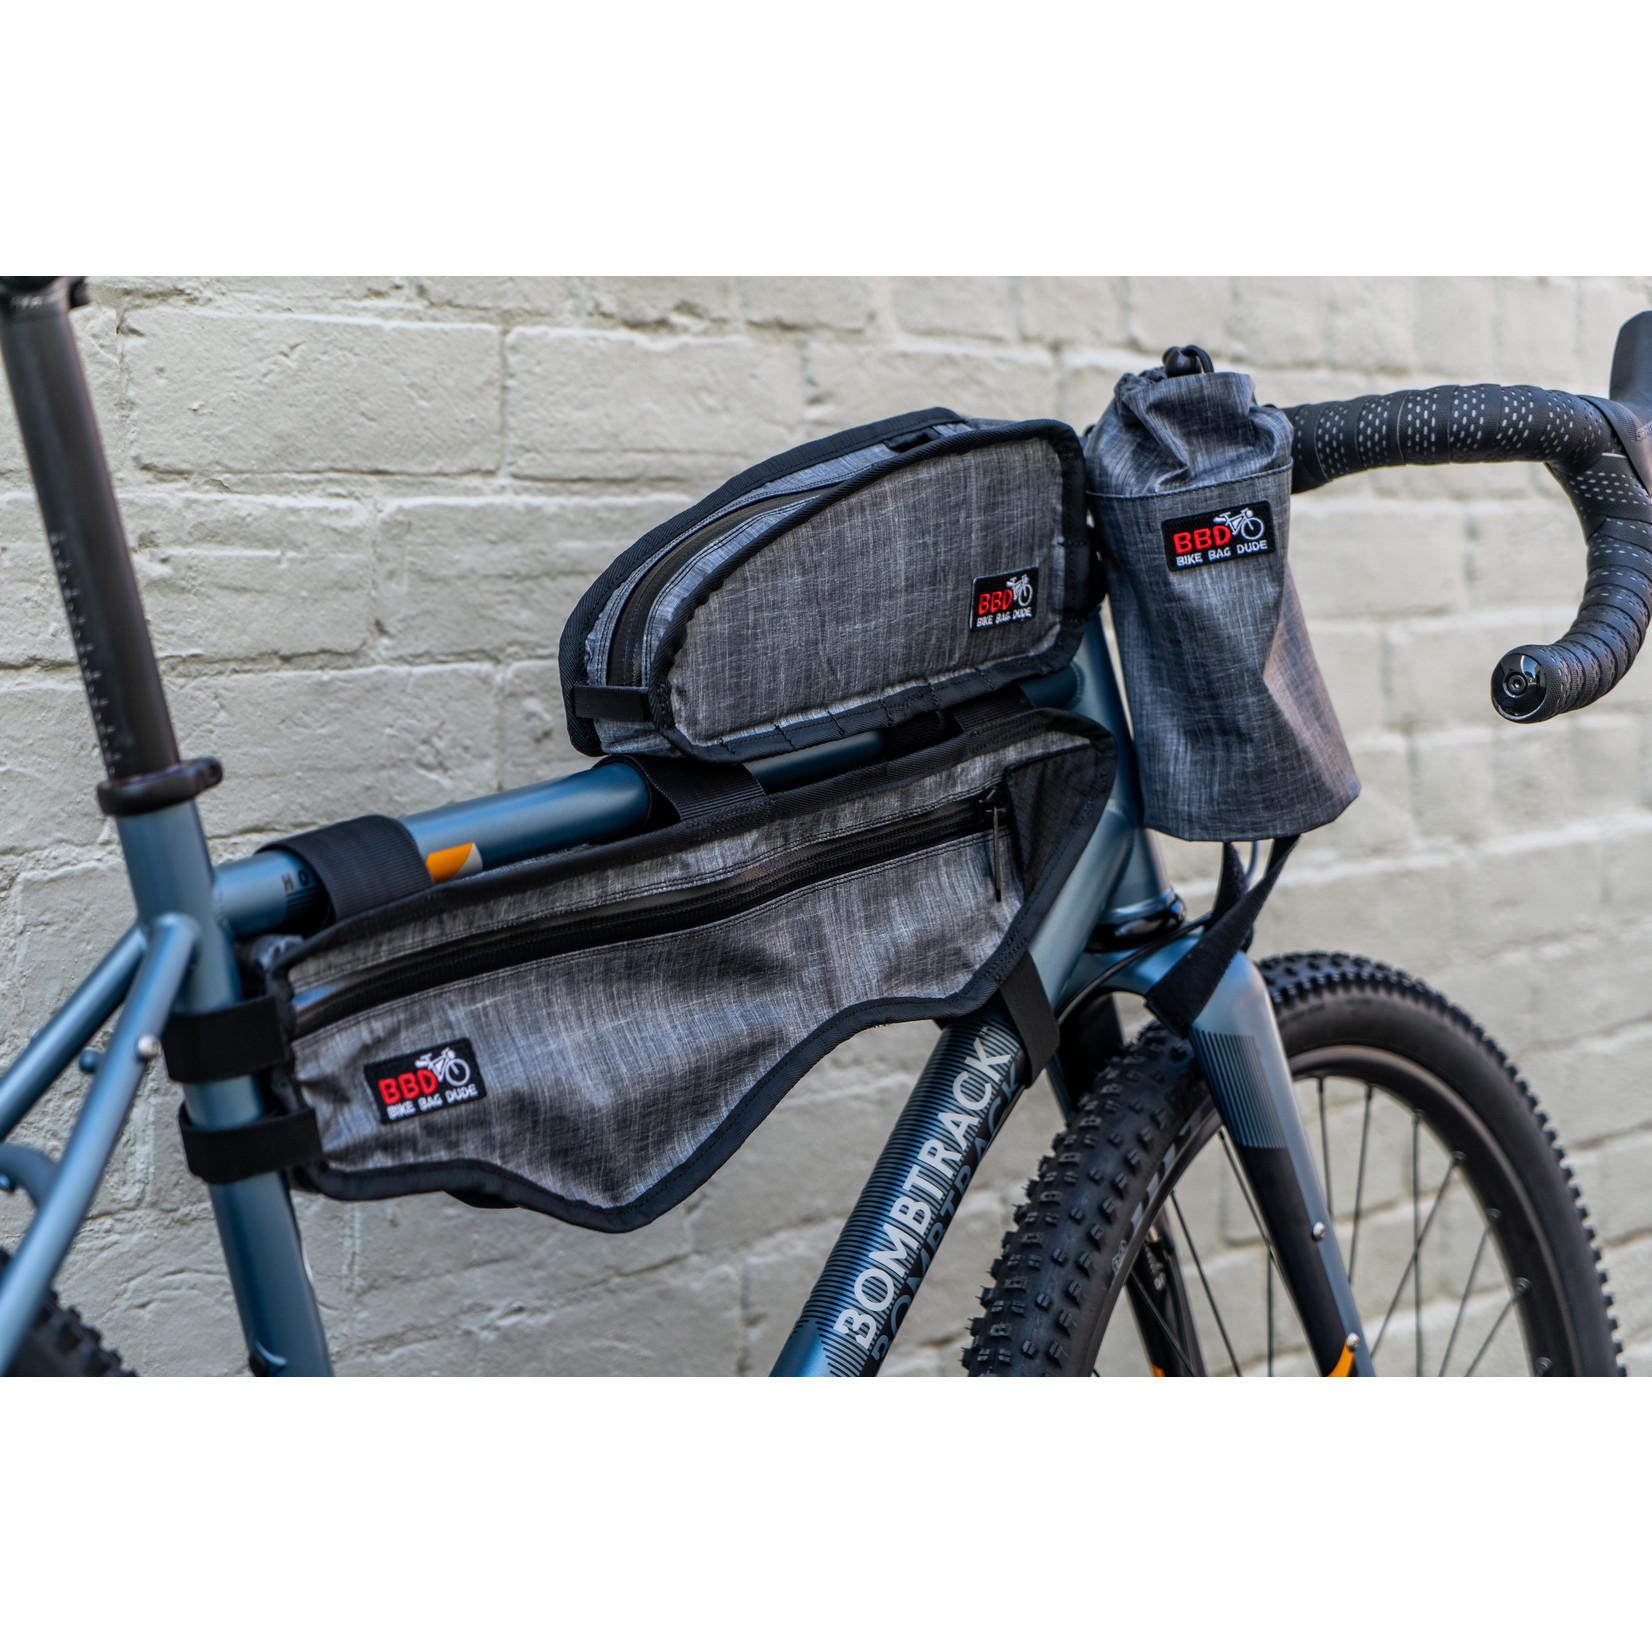 Bike Bag Dude Bike Bag Dude, Chaff Bag